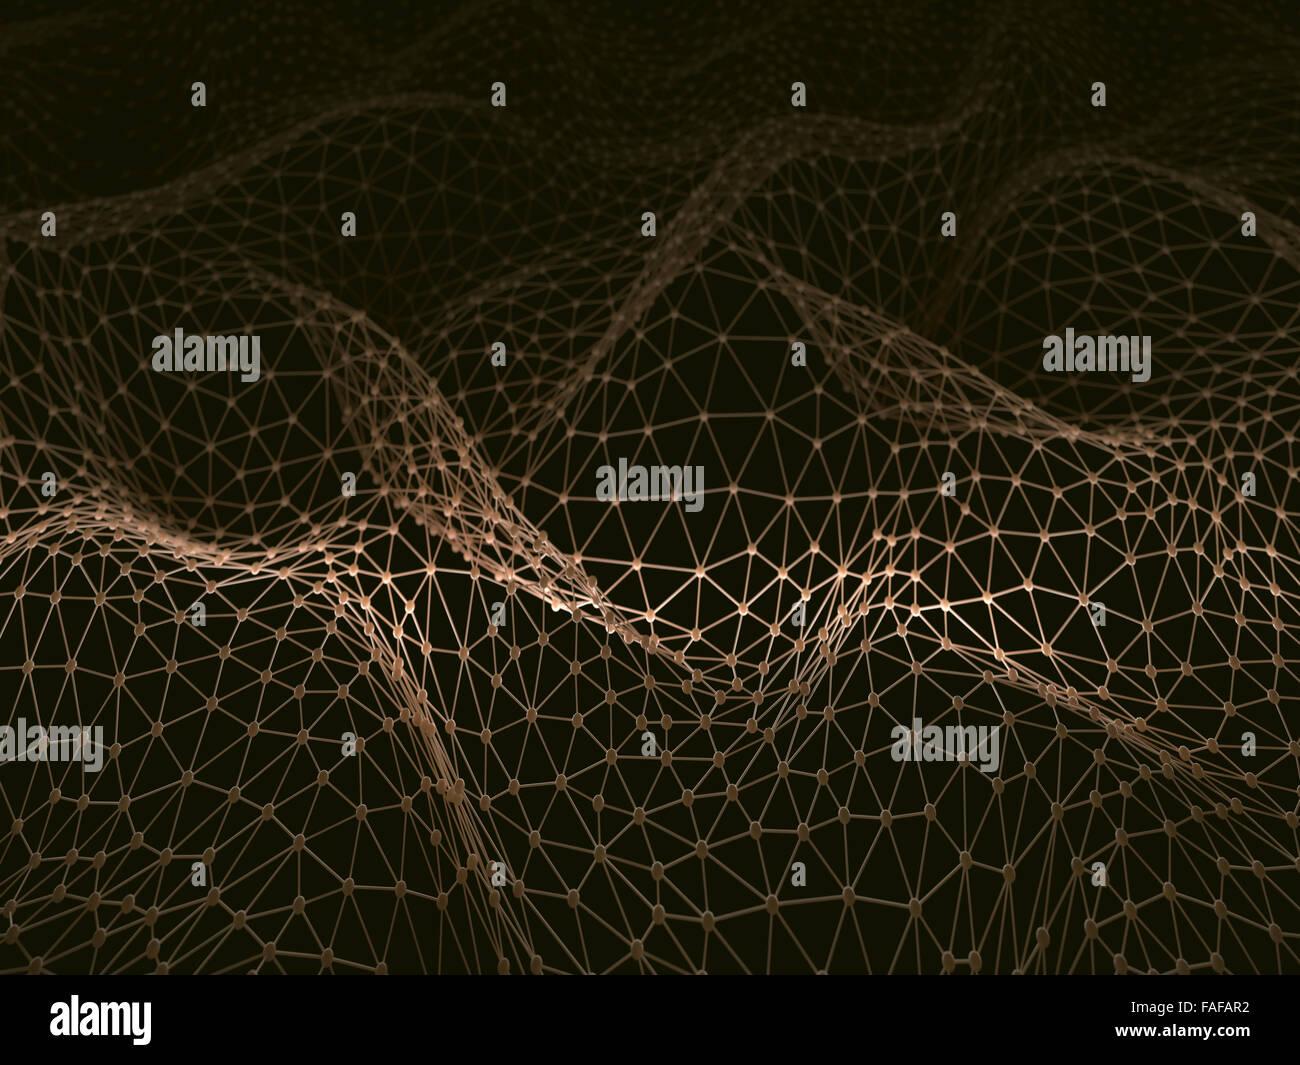 Imagen abstracta que representa las conexiones de comunicación y tecnología de la información. Imagen Imagen De Stock